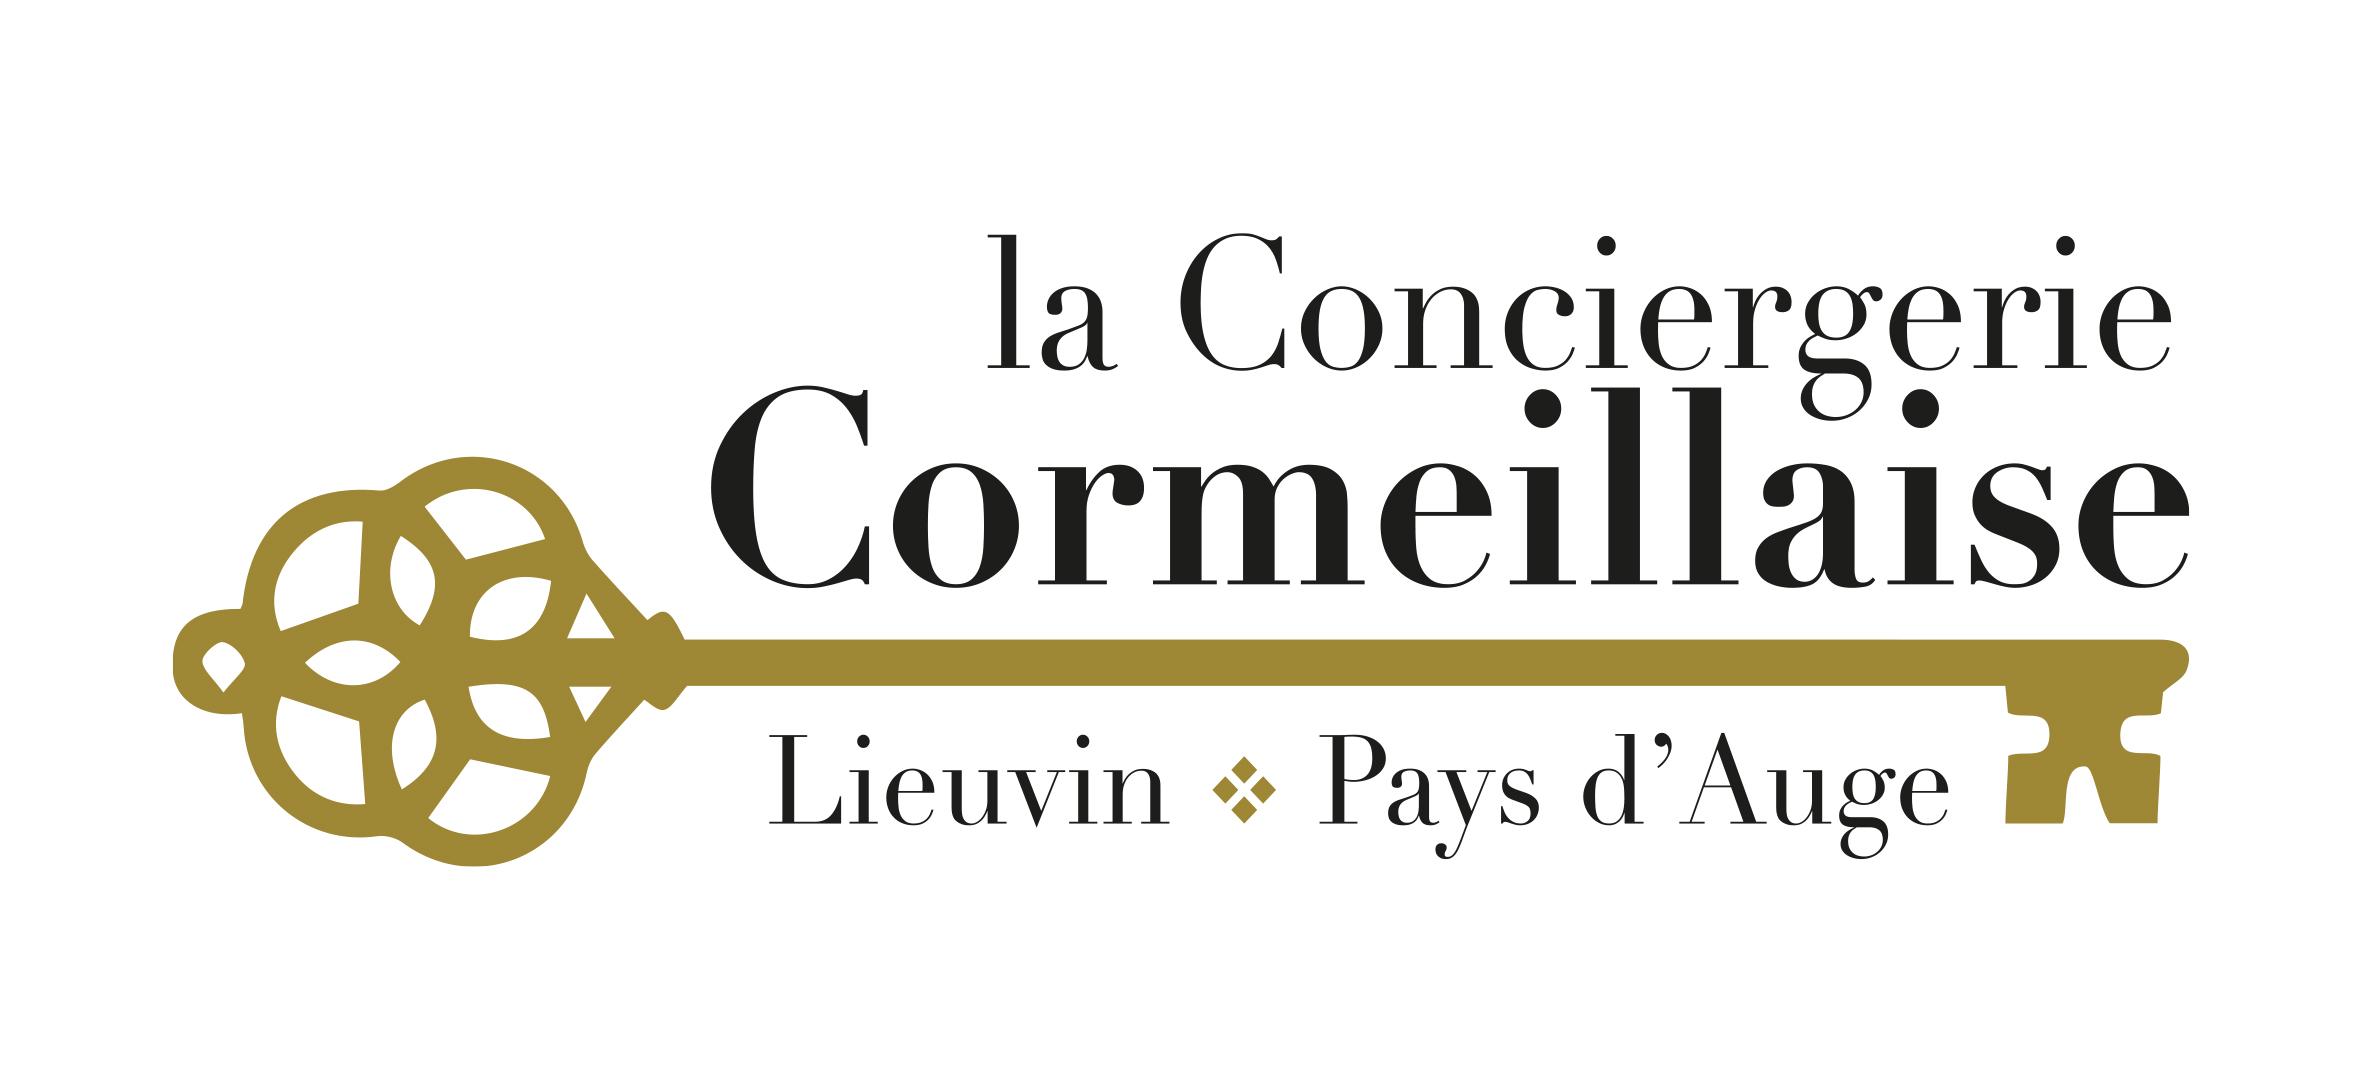 Logo conciergerie cormaillaise